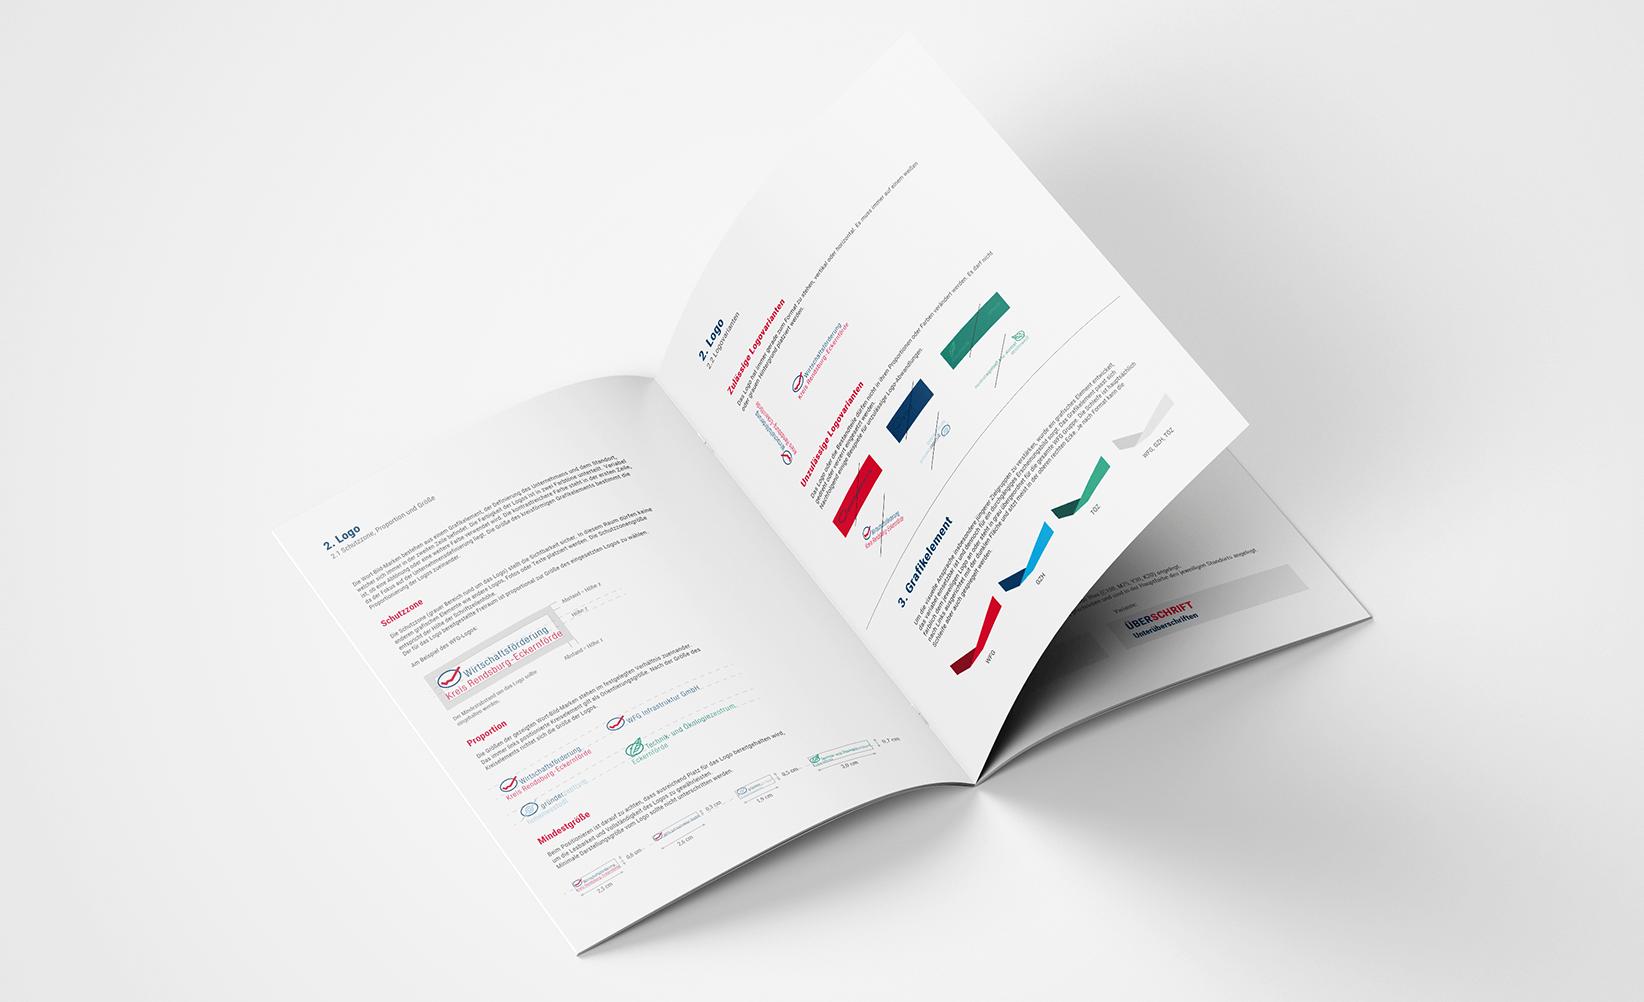 Wirtschaftsförderungsgesellschaft Corporate Design Manual